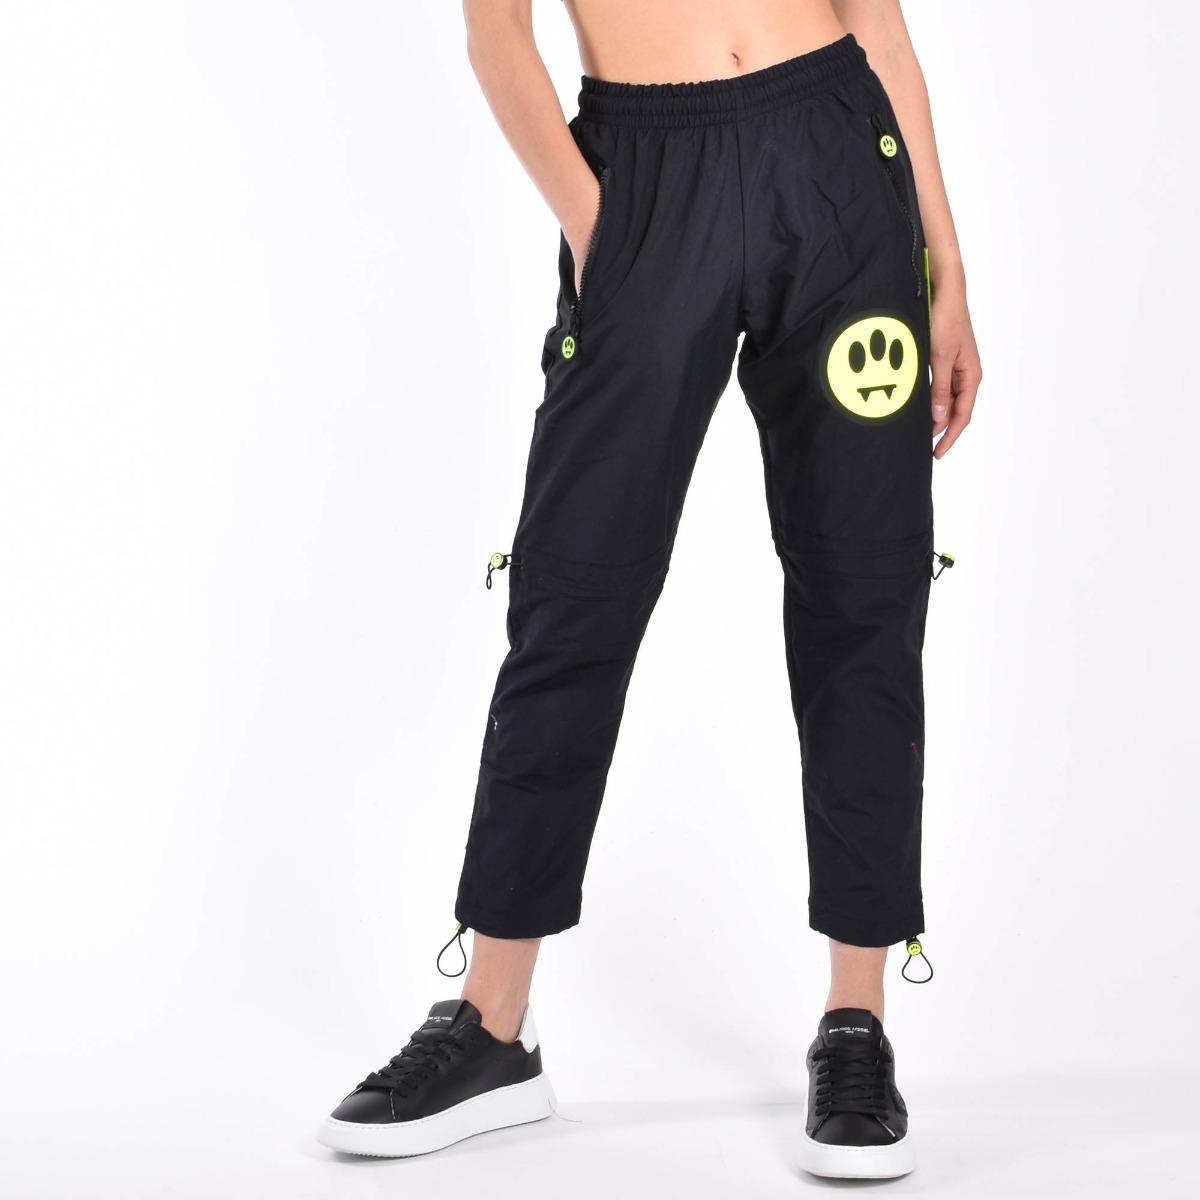 Pantalone inserti fluo- Nero